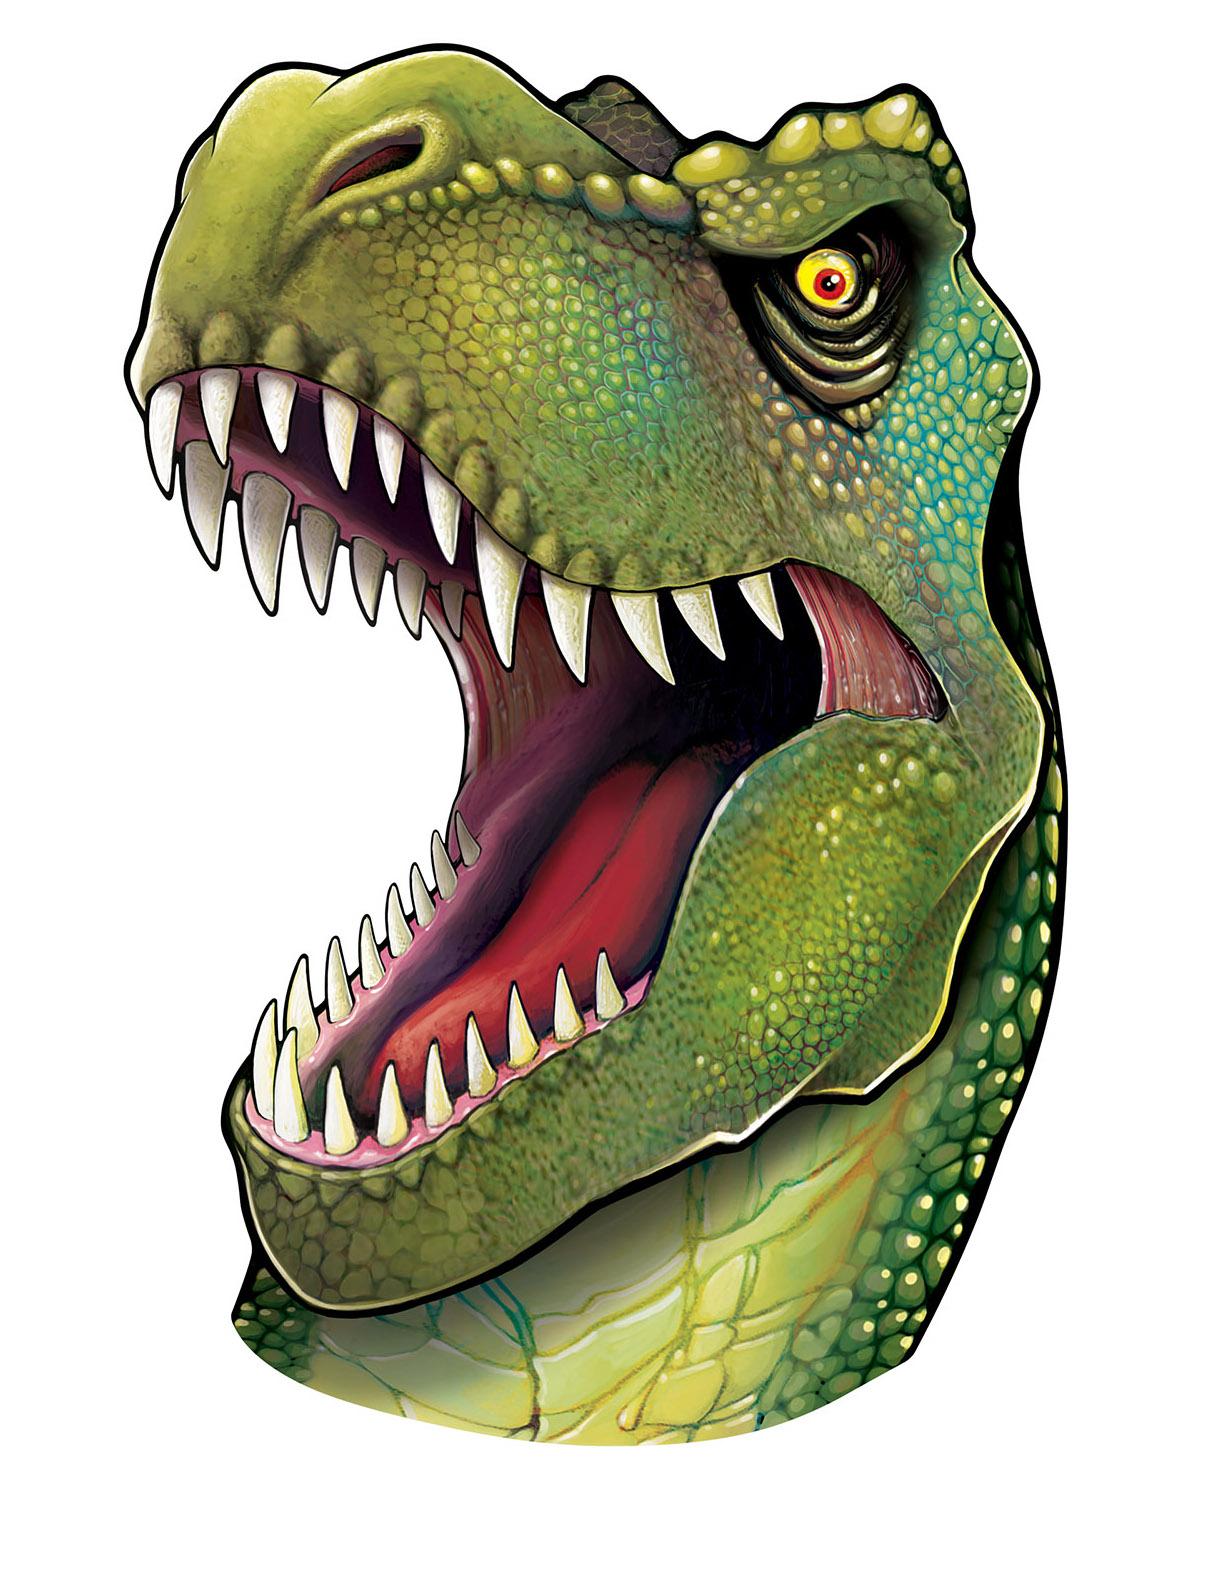 Grote Dinosaurus Afbeelding Decoratie En Goedkope